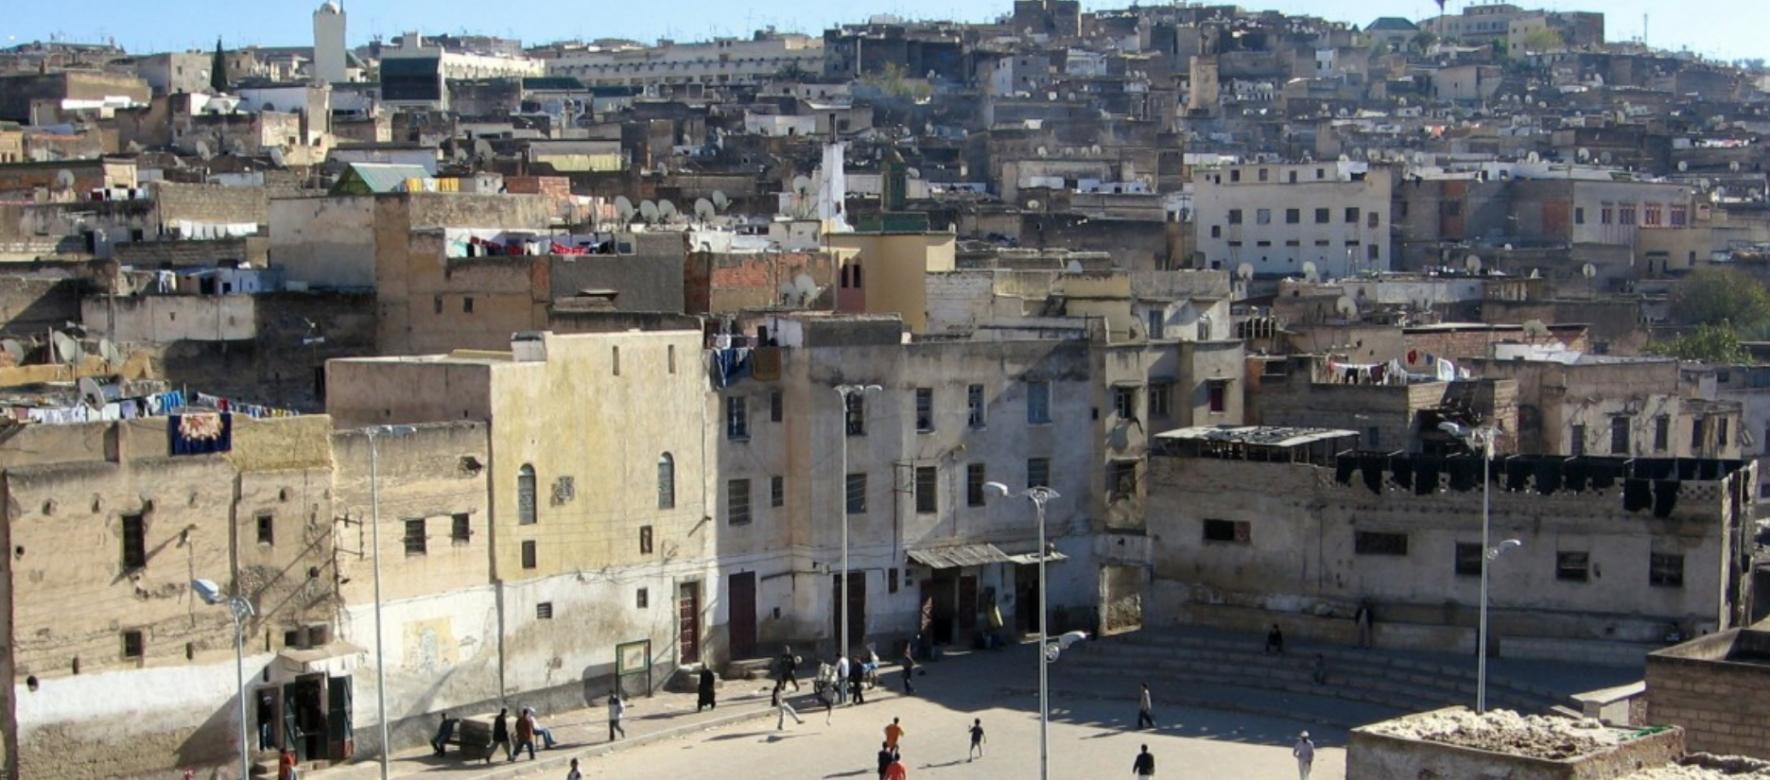 « La stabilité du Maghreb, un impératif pour l'Europe ». Analyse de Hakim El Karoui